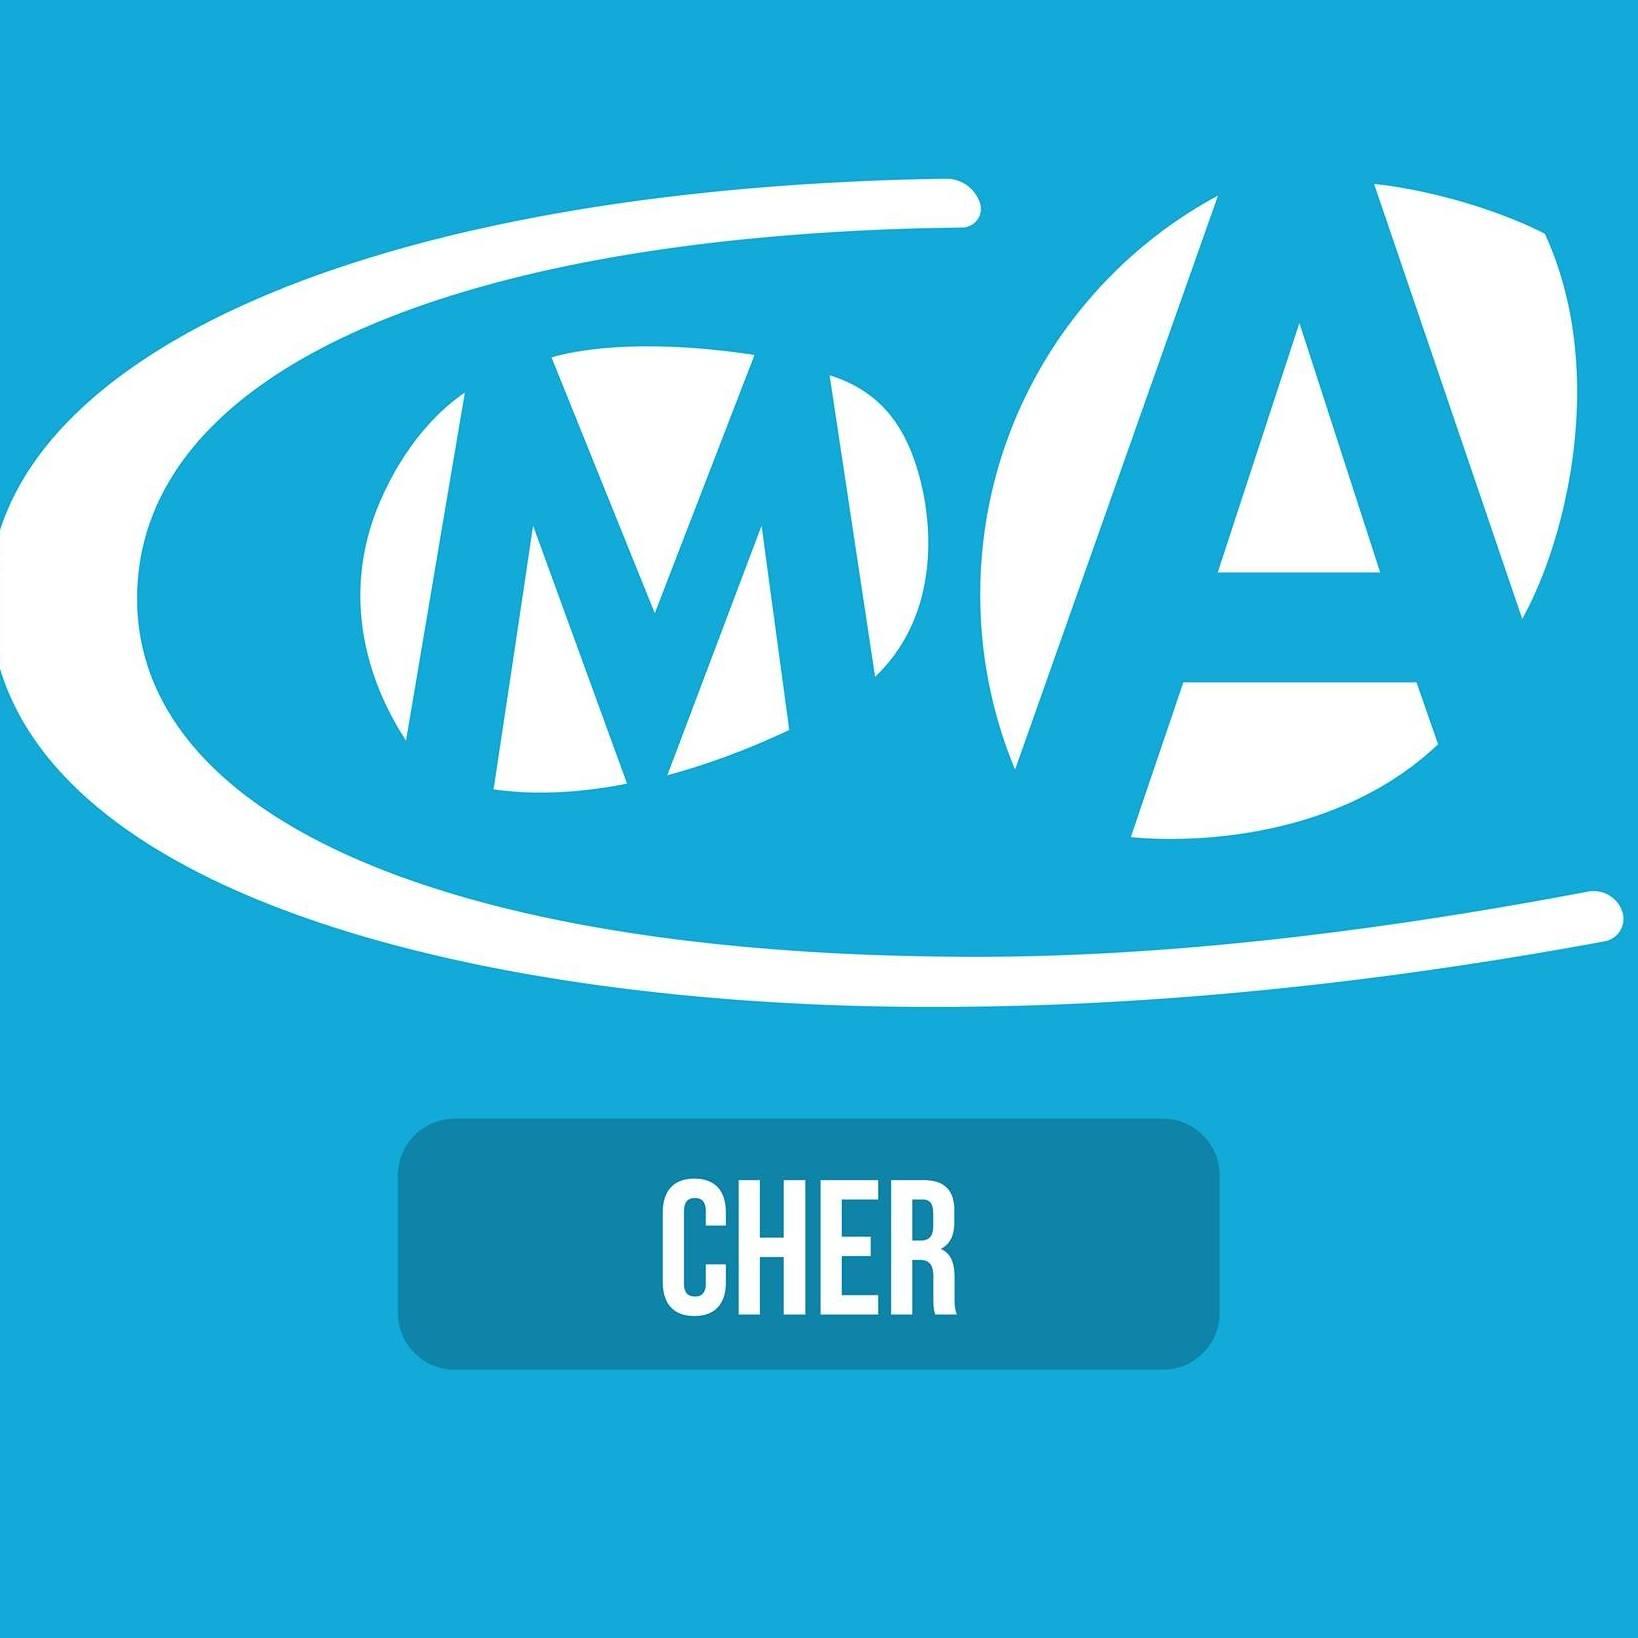 CMA du Cher